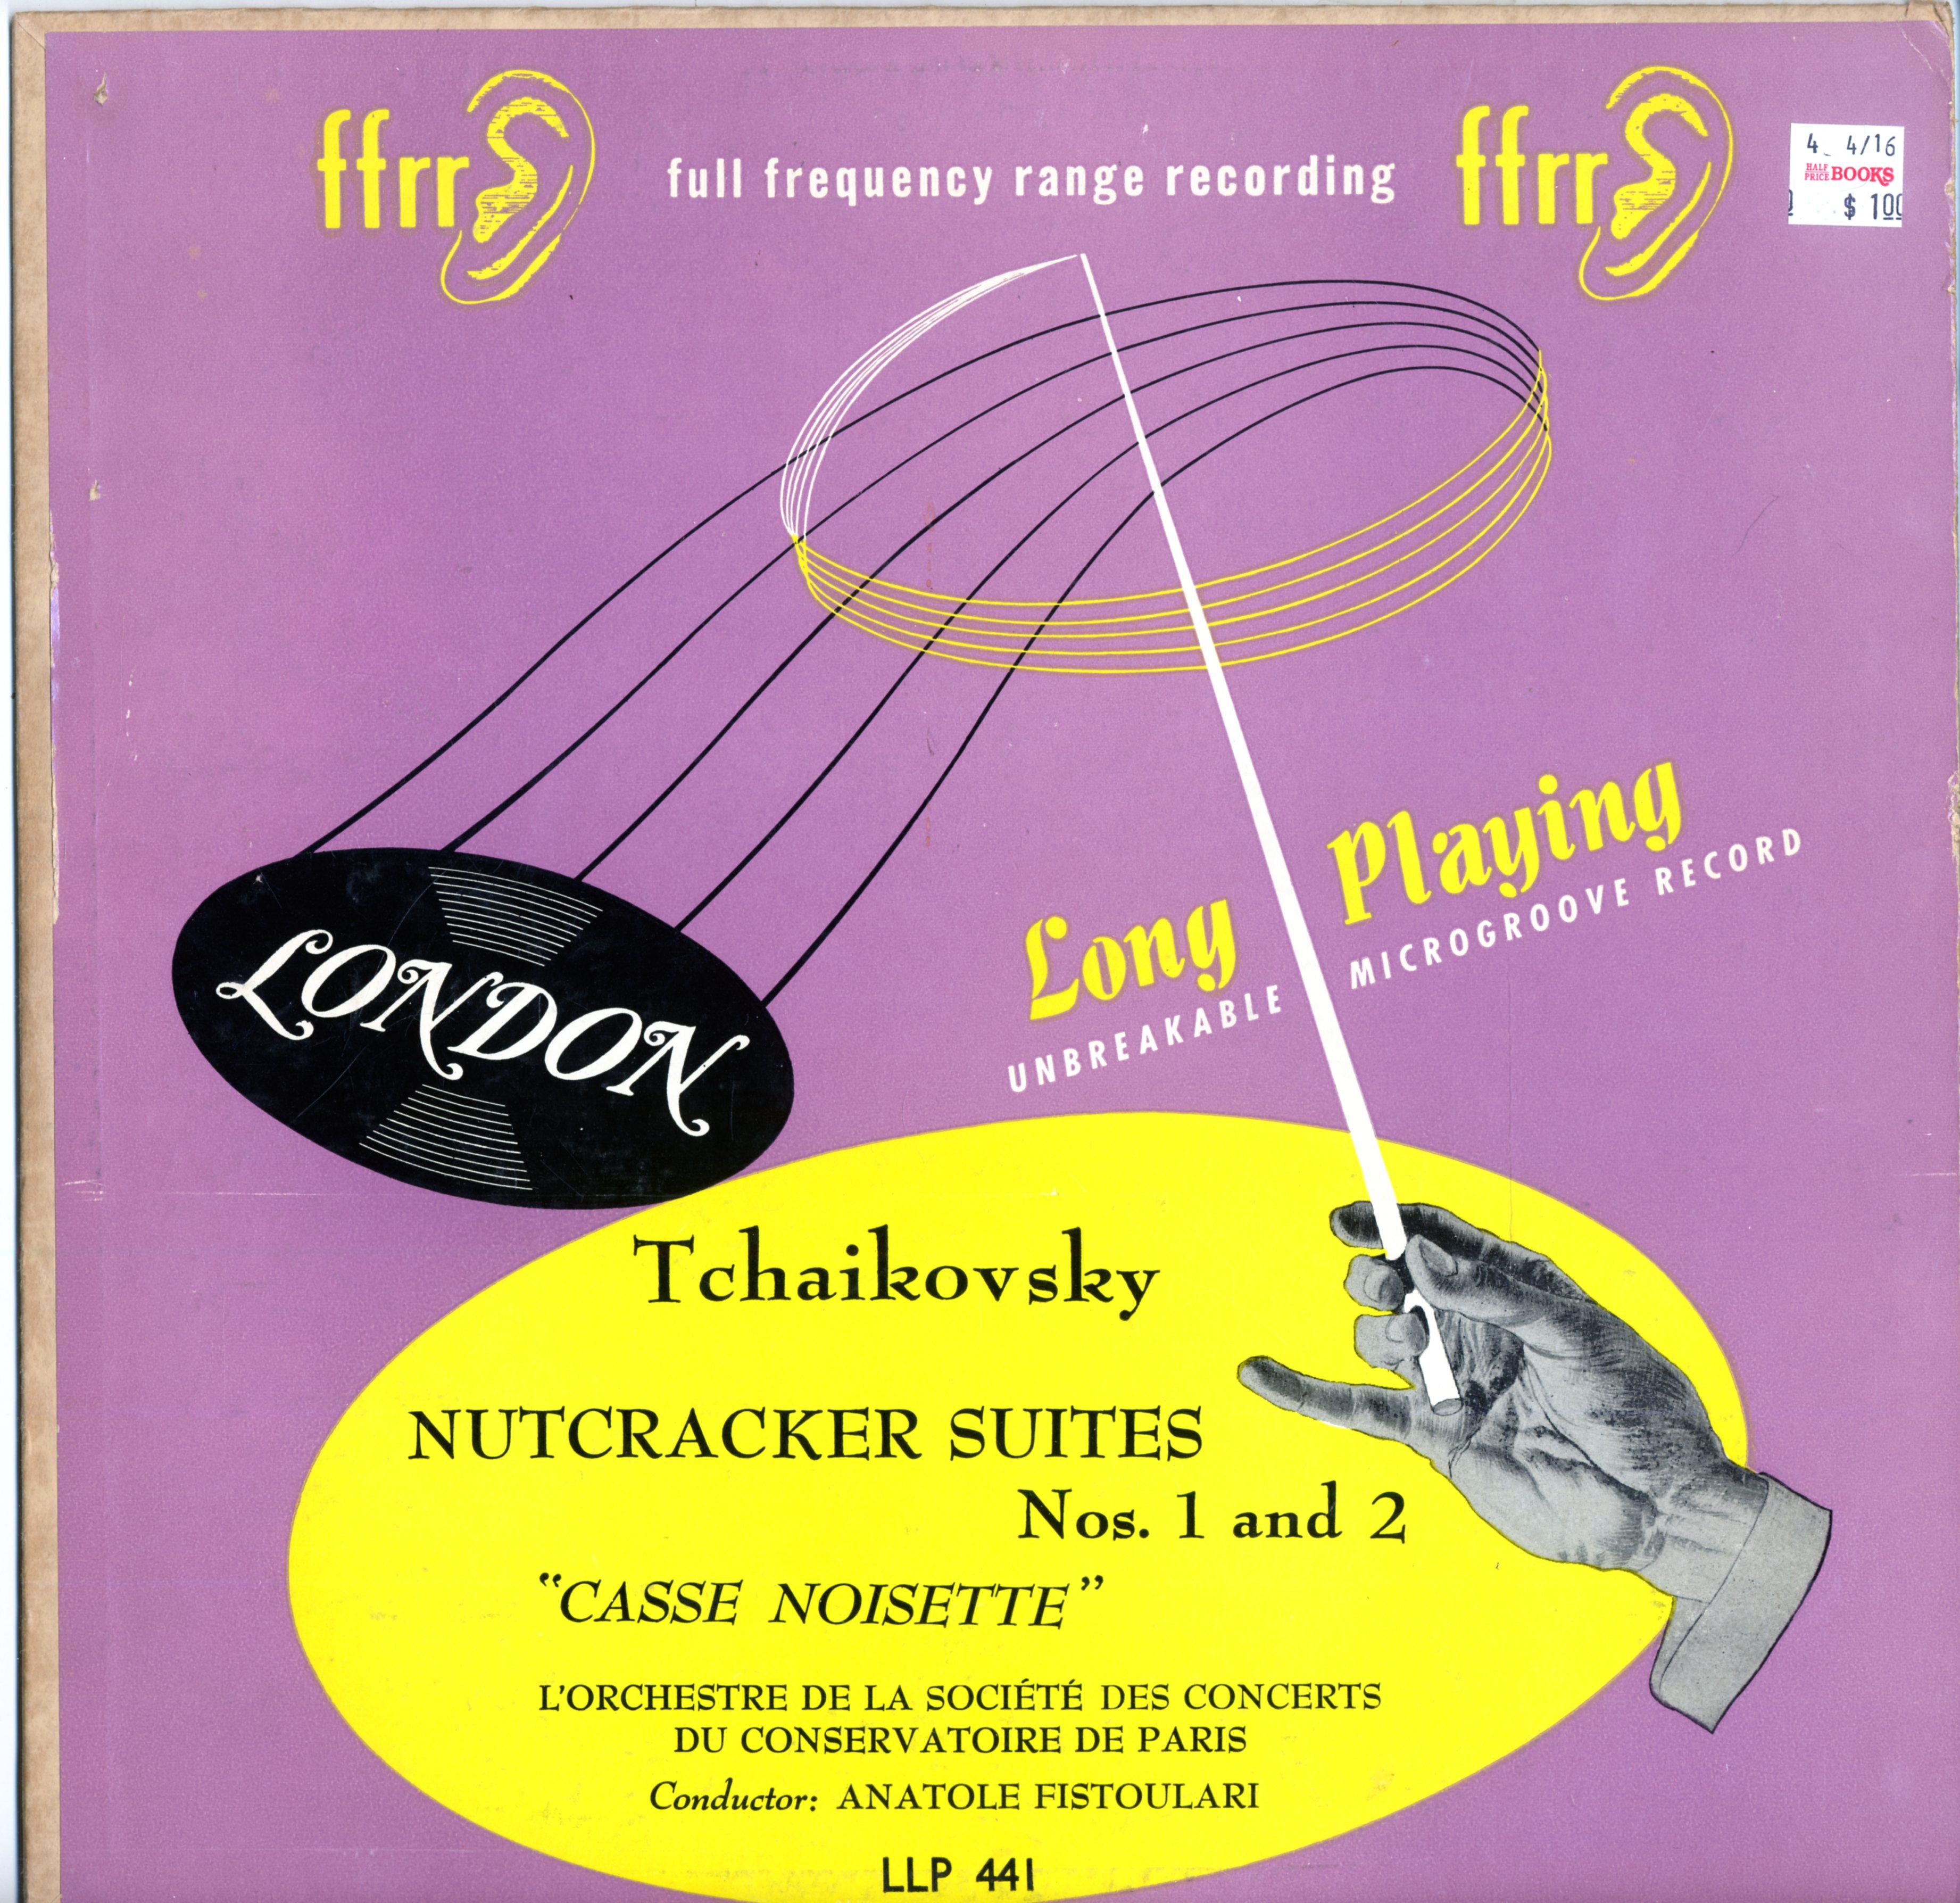 """CD - Societe des Concerts du conservatoire de Paris Nutcracker Suites """"Casse Noisette"""""""